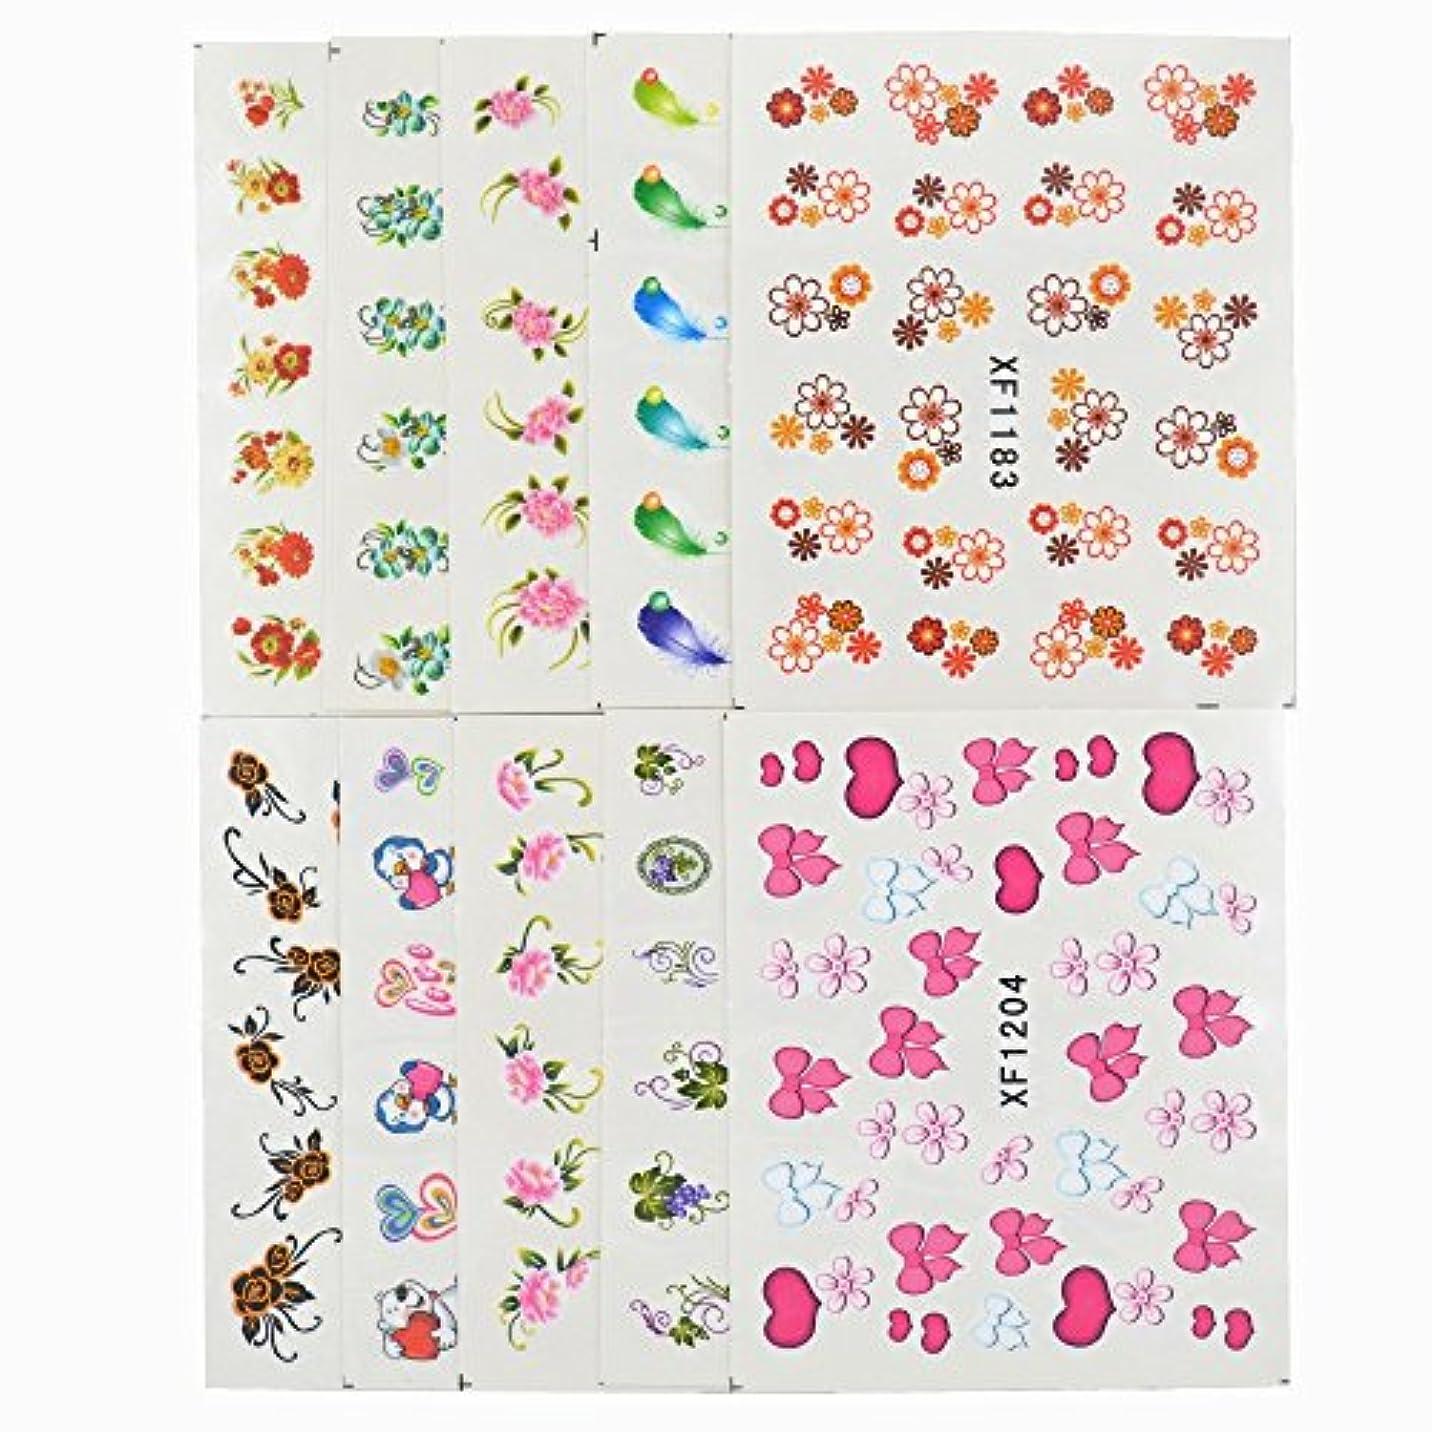 顧問ジョグフォームSUKTI&XIAO ネイルステッカー 60枚混合スタイルDiyデカールマニキュア用ネイルアート水転写印刷ステッカー